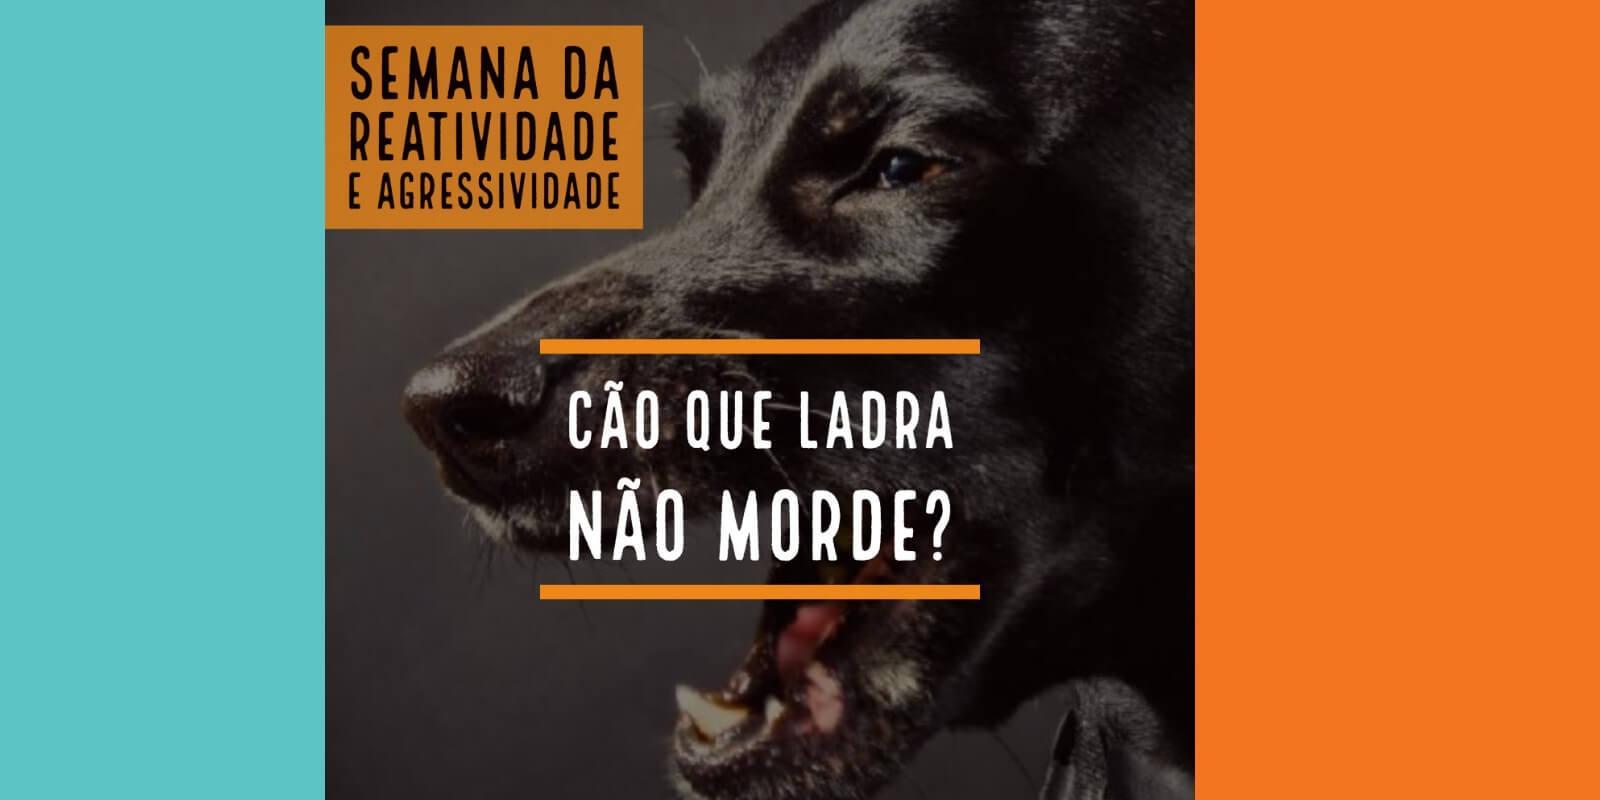 Cão que ladra não morde? Semana da Reatividade e Agressividade em Cães